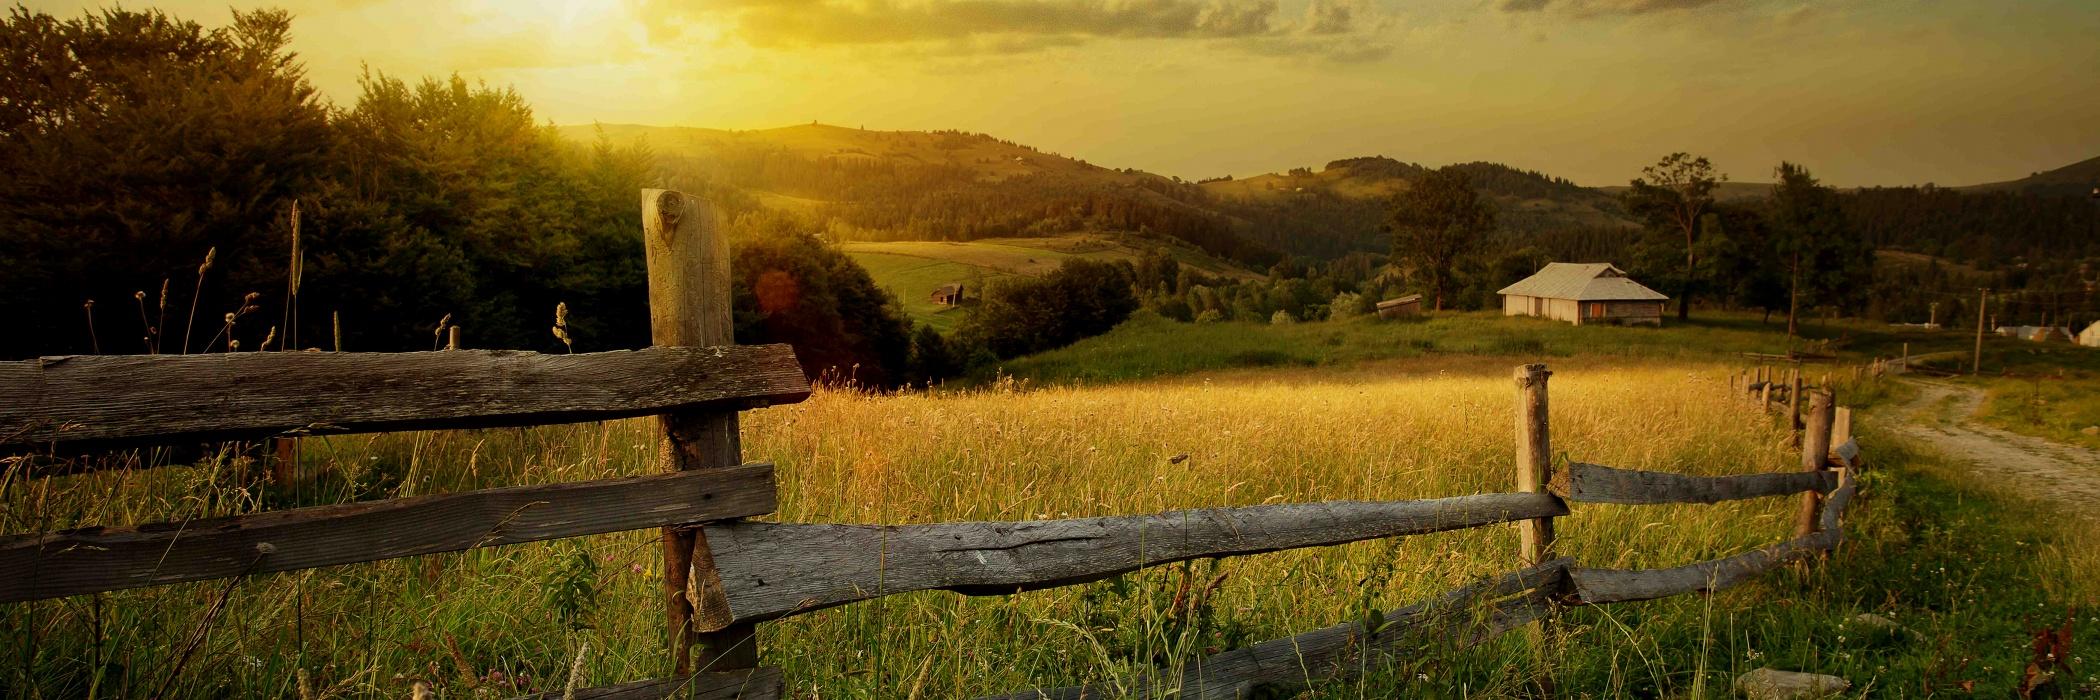 paesaggio Maia